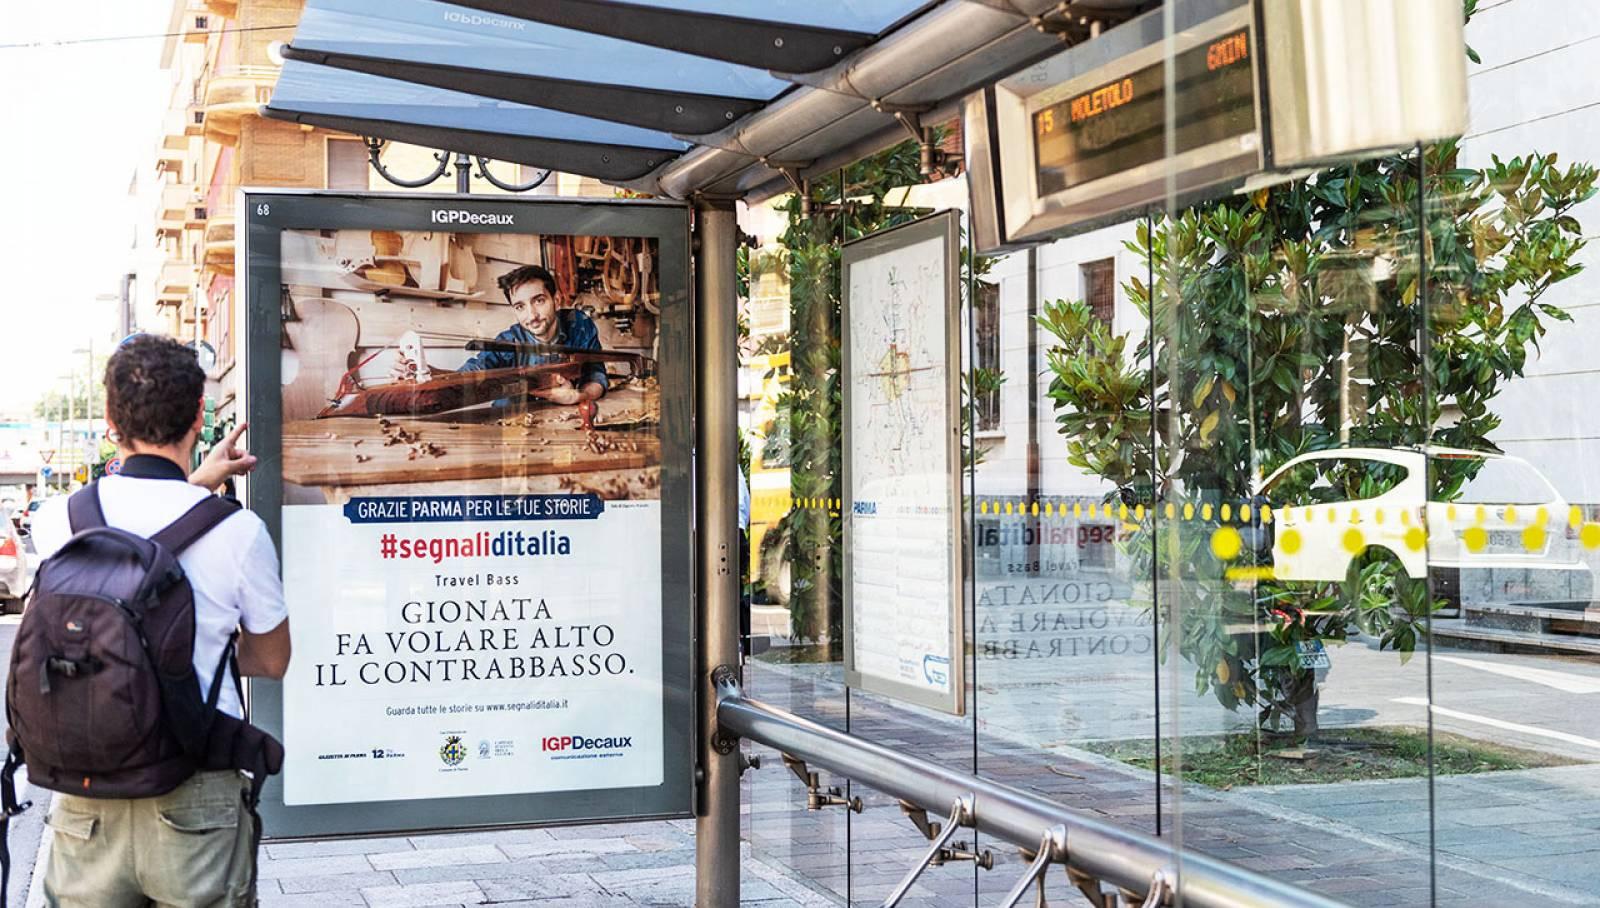 Pubblicità sulle pensiline IGPDecaux a Parma pensiline decorate per Segnali d'Italia